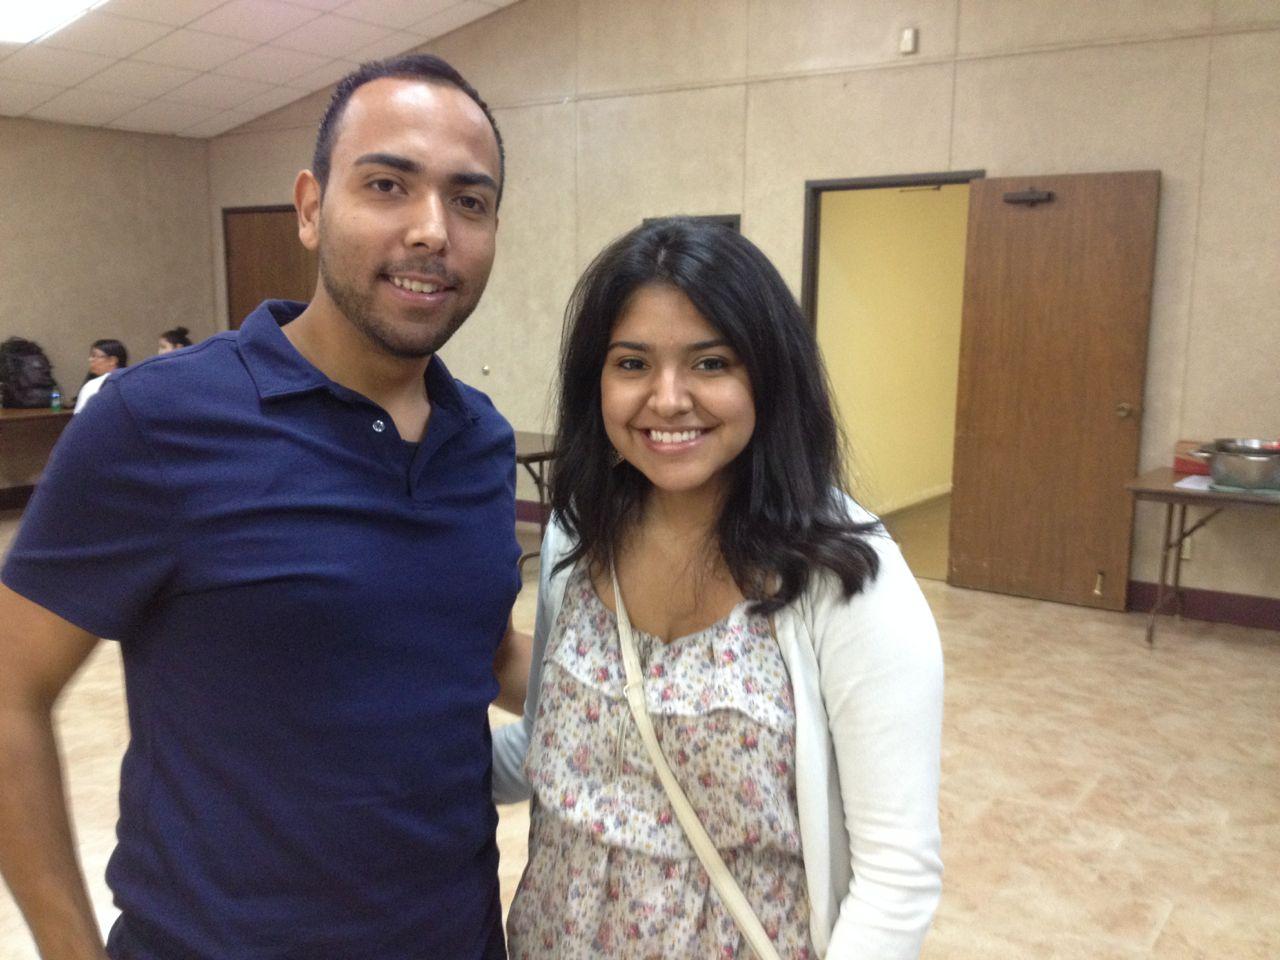 Jesus Zamora and Luz Perez